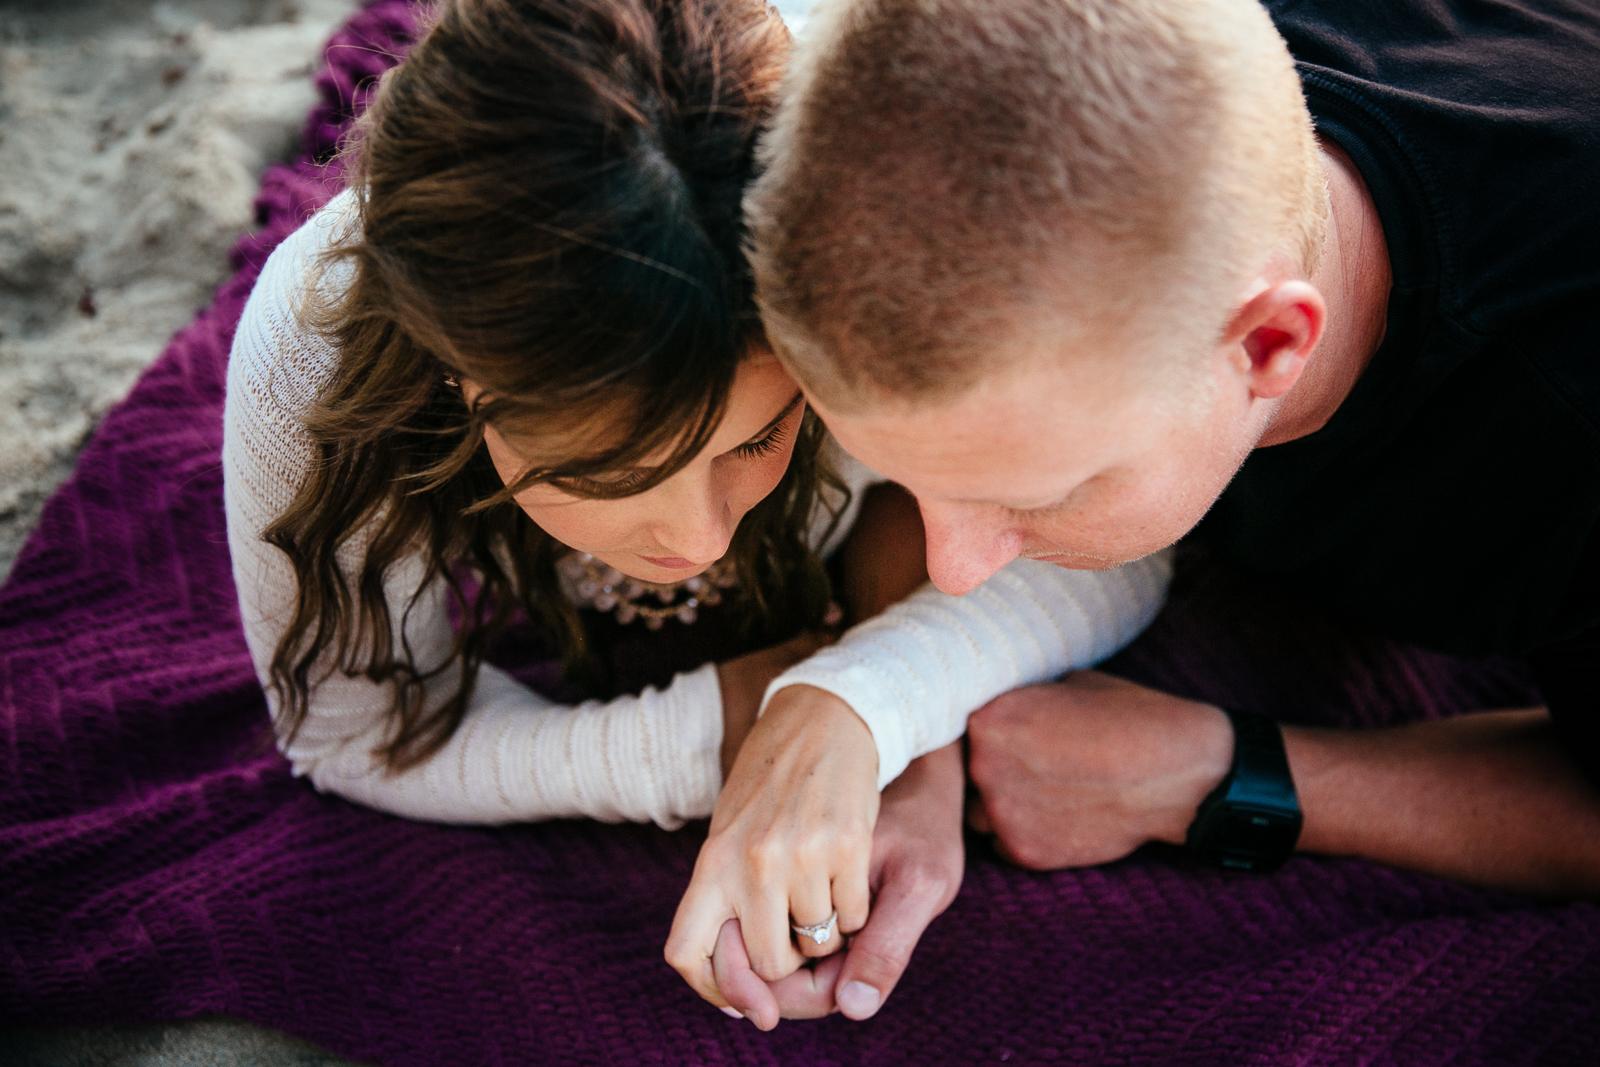 DANYELLE_&_ERIC_ENGAGEMENT_SESSION_SUNSET_CLIFFS_LEAF_WEDDING_PHOTOGRAPHY_2015IMG_2557.JPG